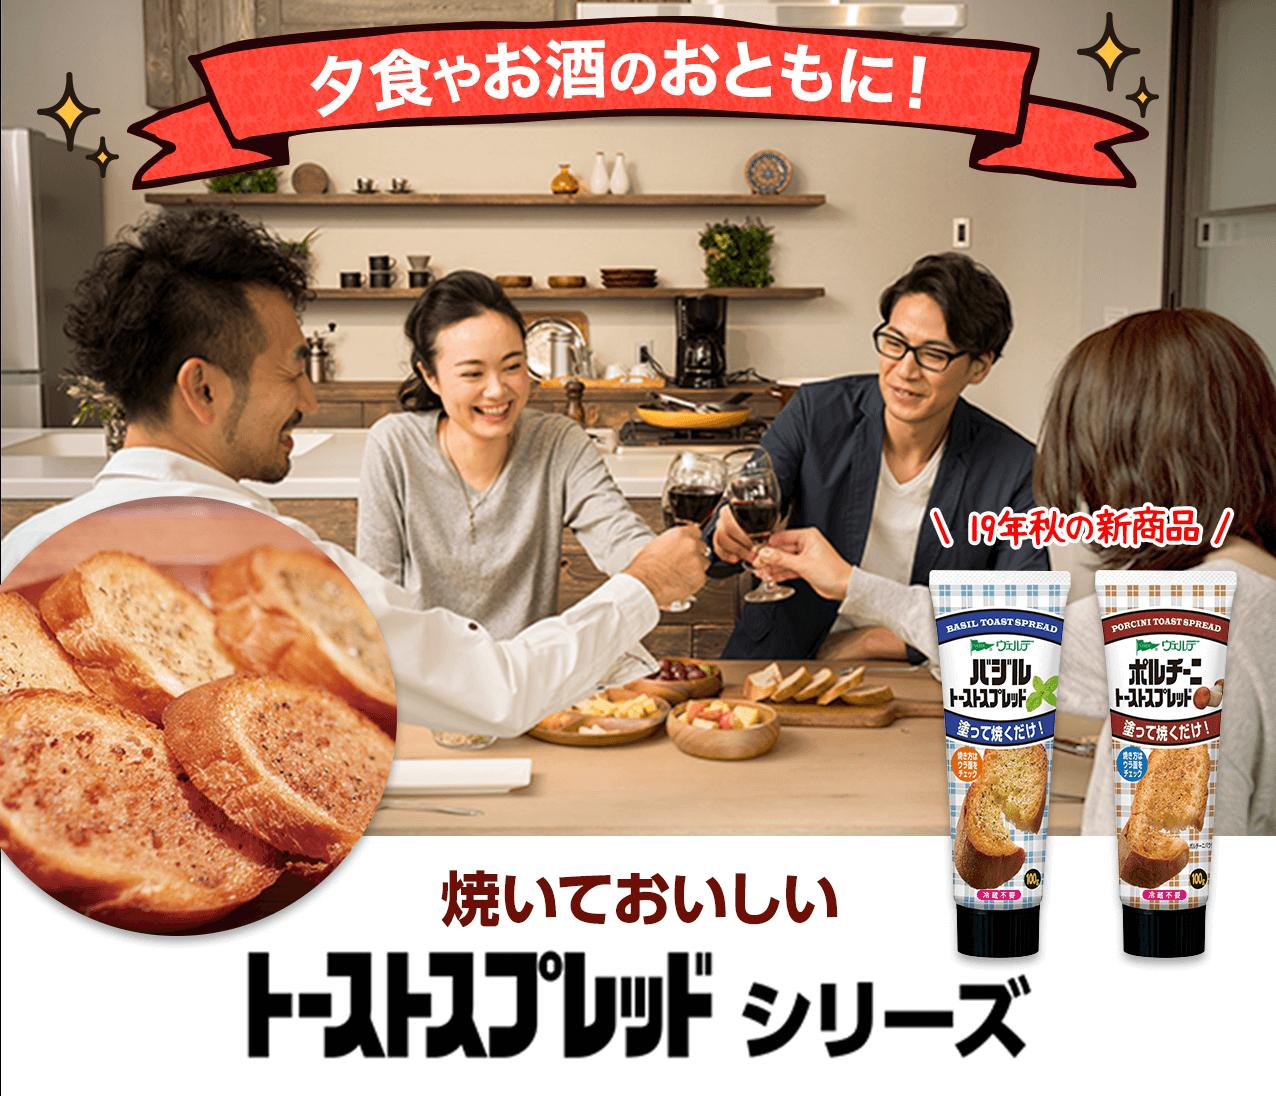 夕食やお酒のお供に! 19年秋の新商品 焼いておいしい トーストスプレッド シリーズ